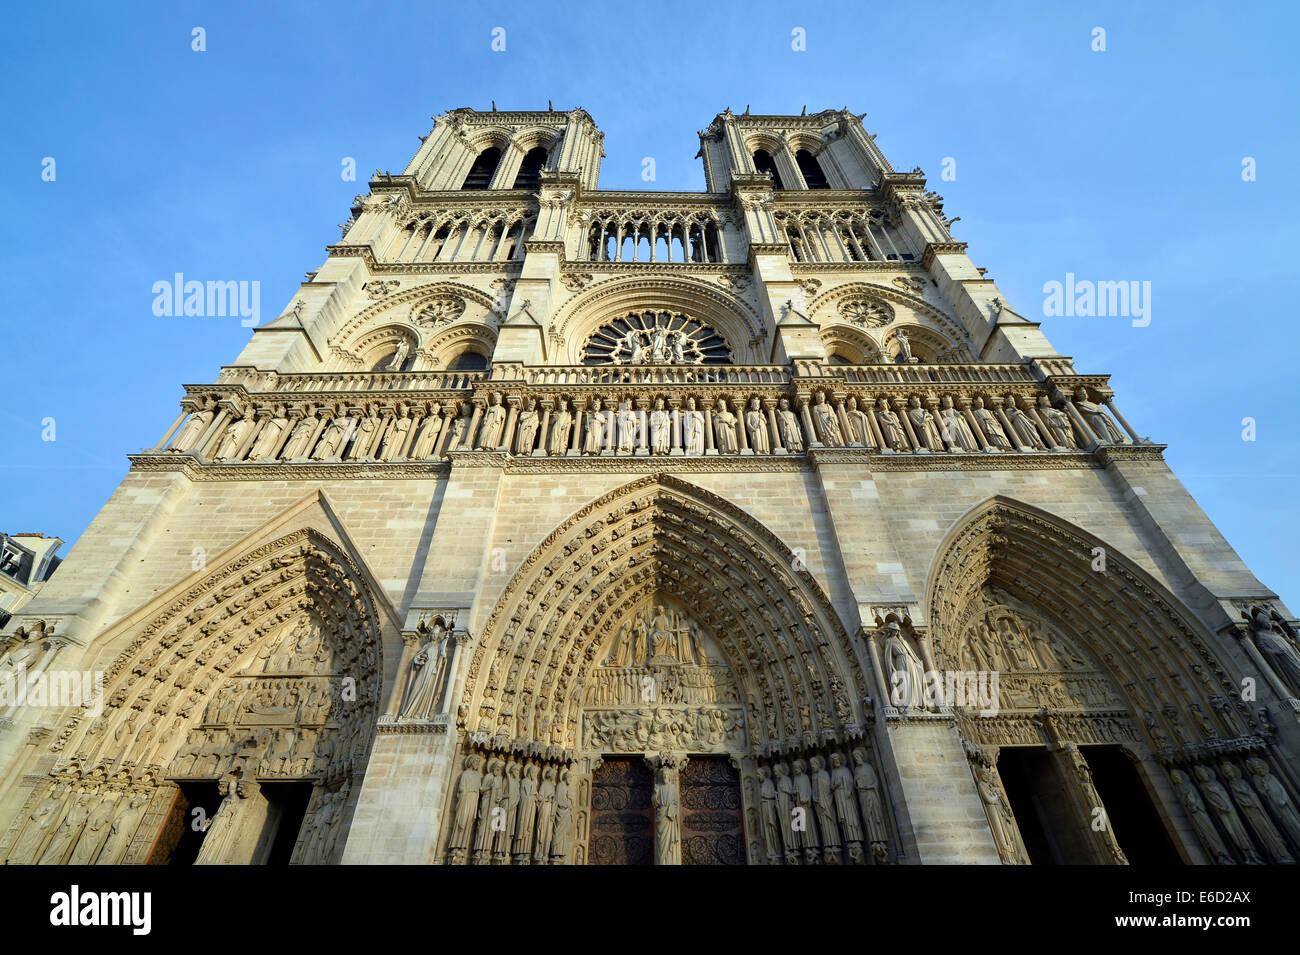 West façade, Cathedral of Notre-Dame de Paris, Île de la Cité, Paris, Île-de-France, France - Stock Image